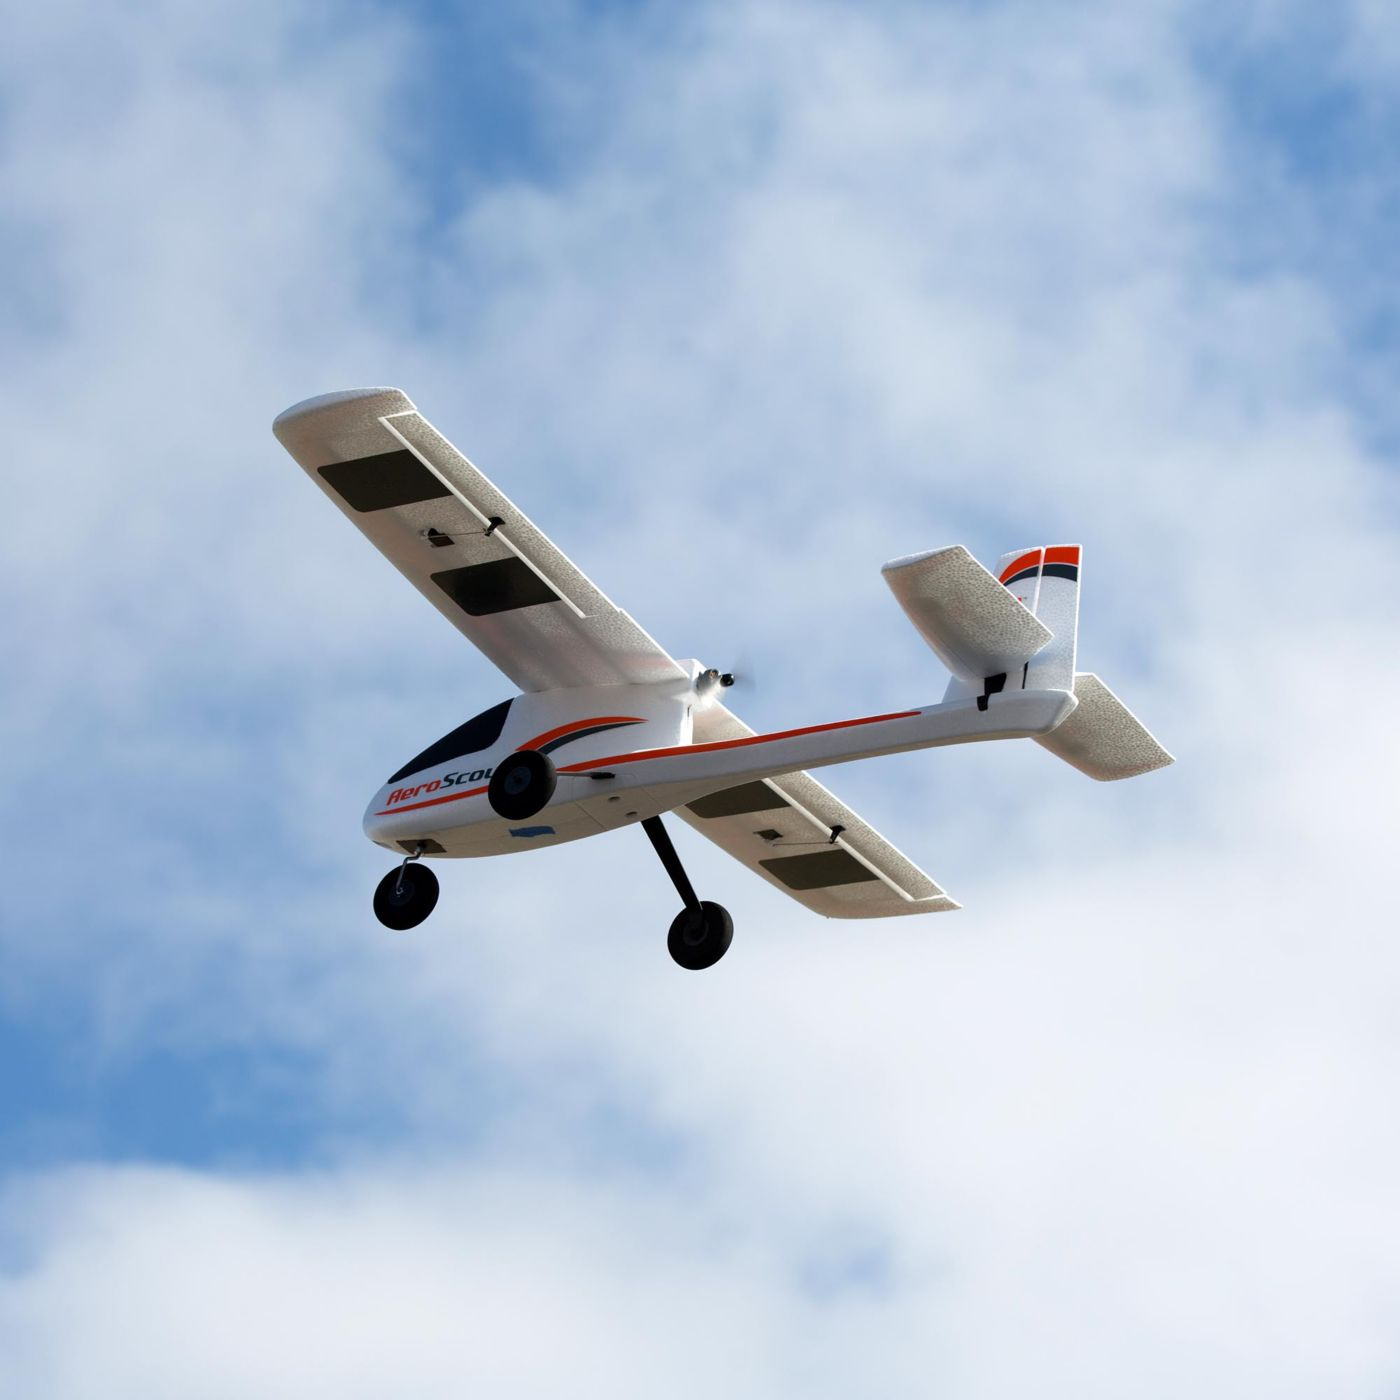 AeroScout S hobbyzone